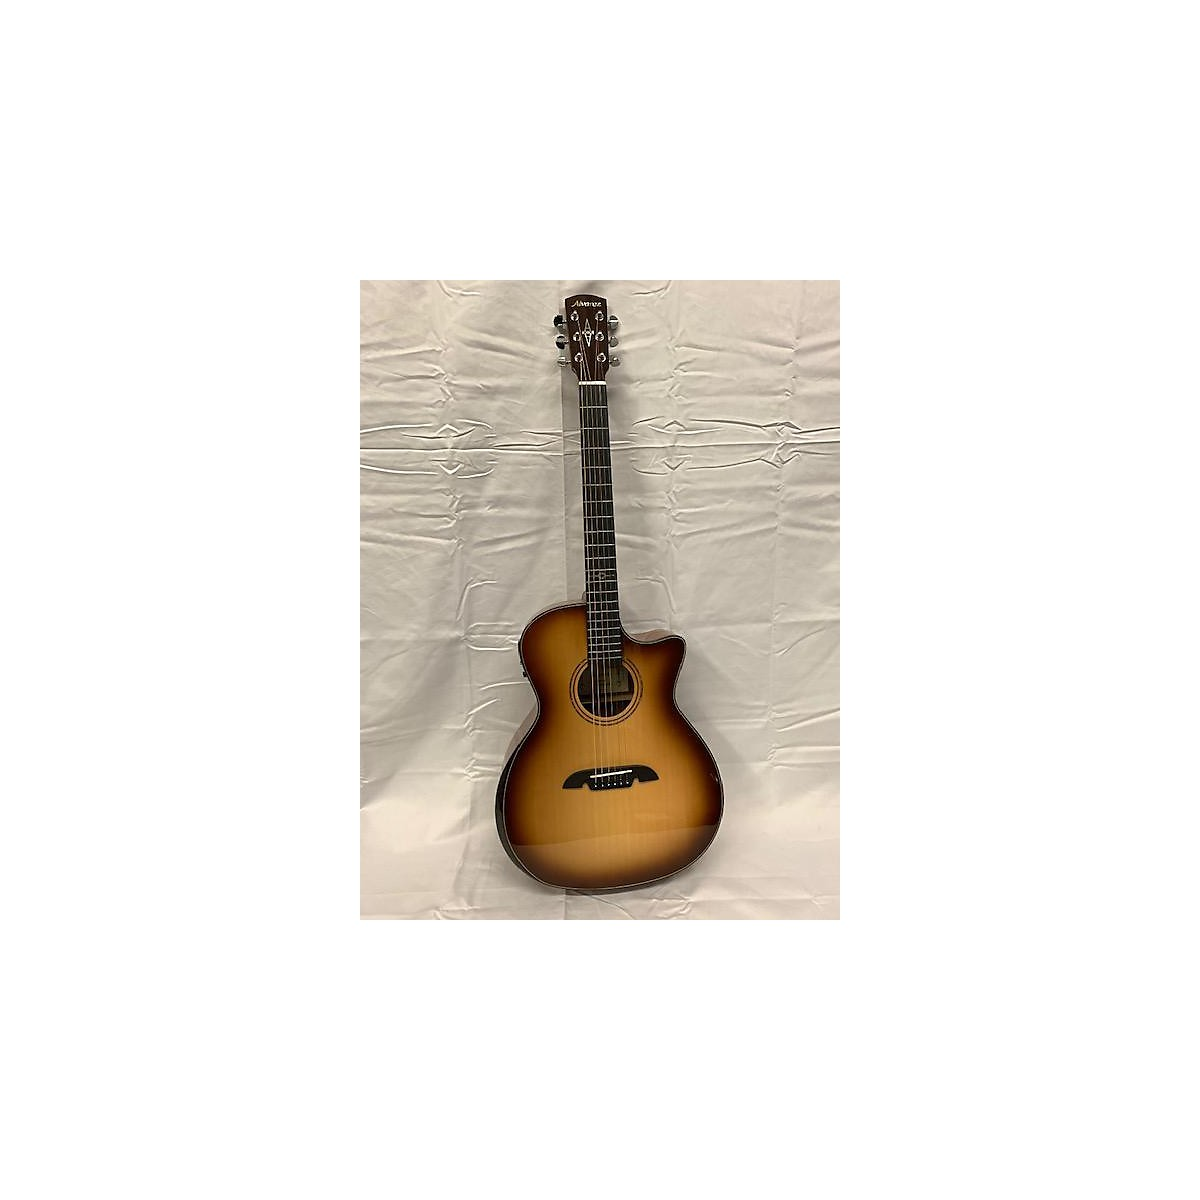 Alvarez Ag610cear Acoustic Electric Guitar